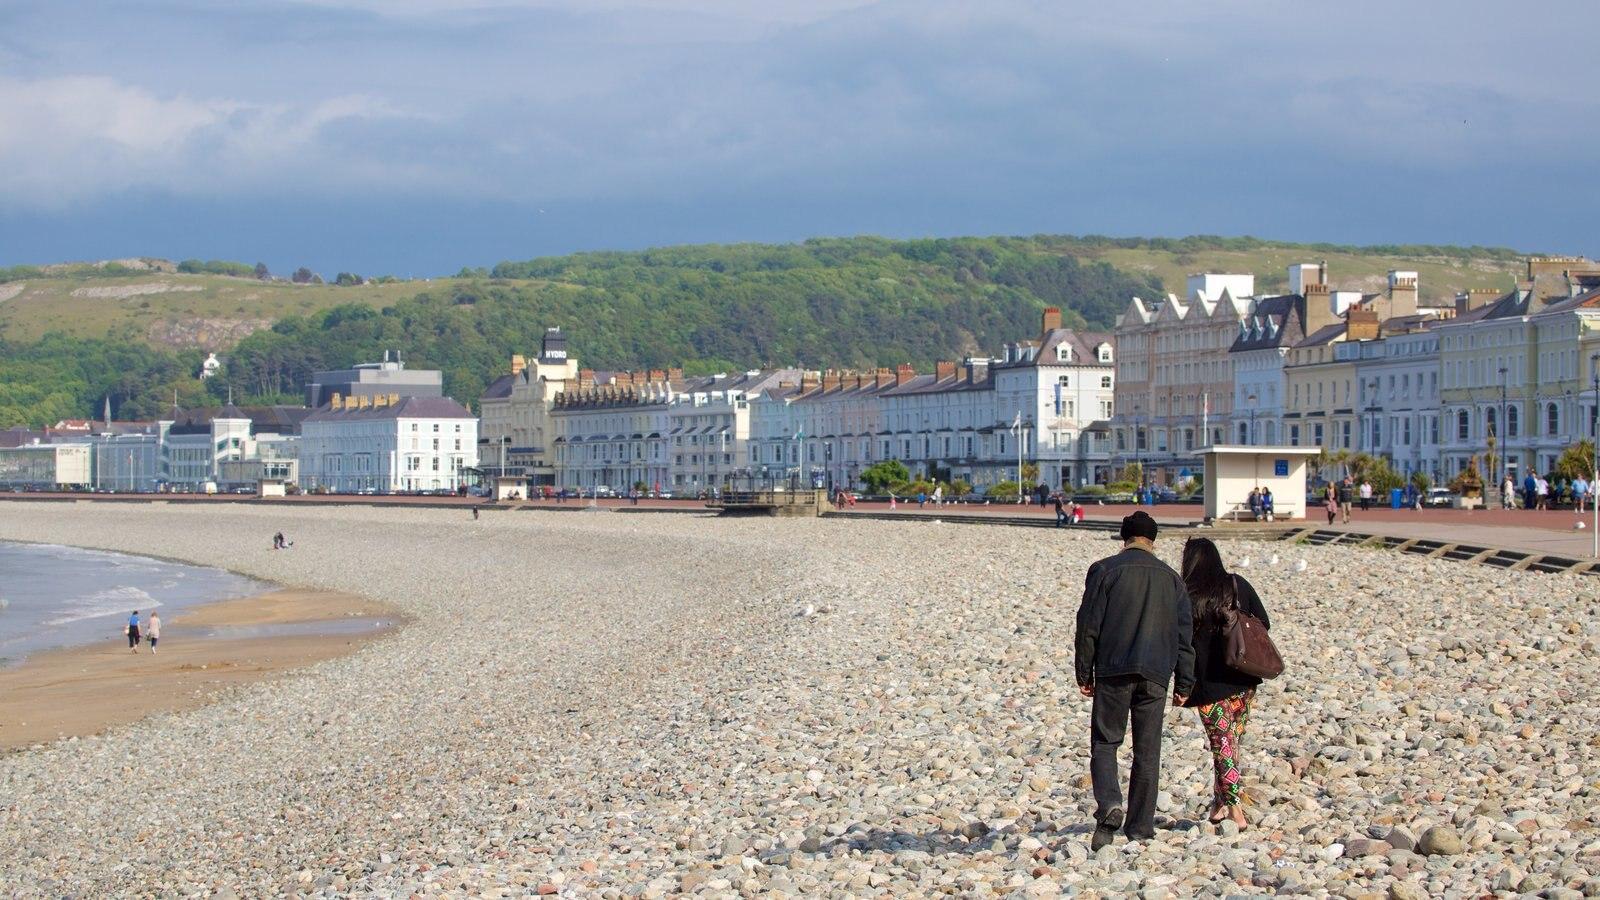 Llandudno mostrando una playa de guijarros y también una pareja